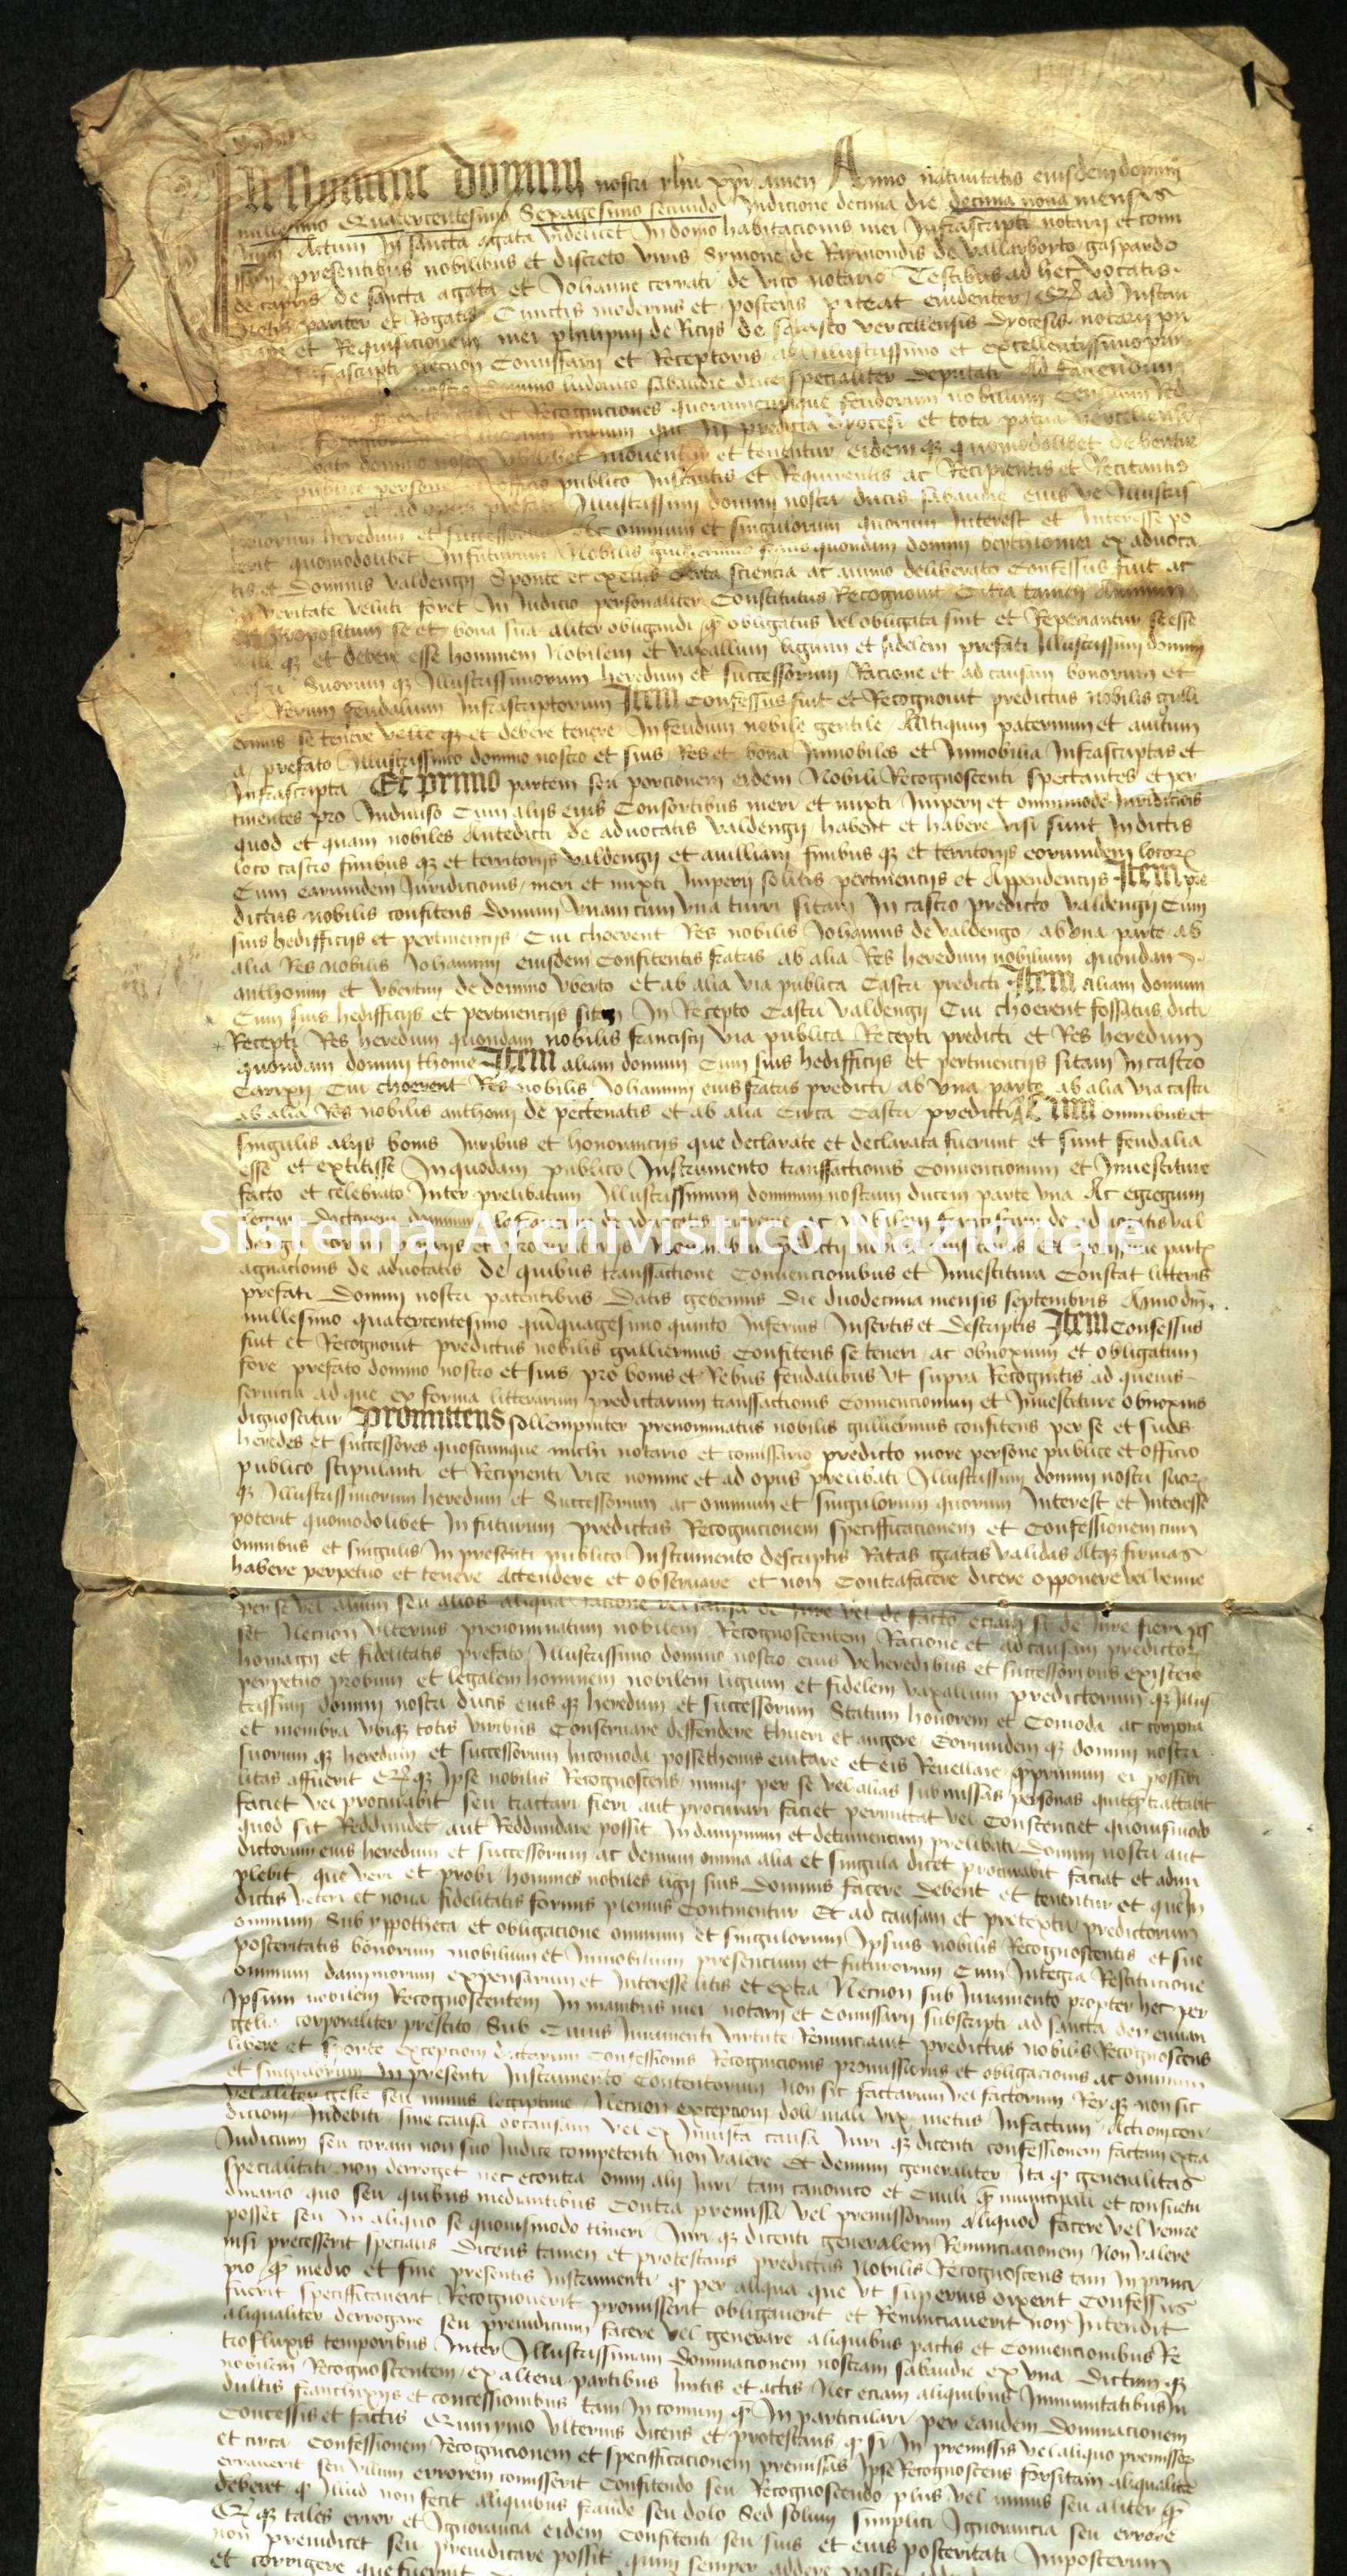 Archivio di Stato di Biella, Avogadro di Valdengo, Pergamene I, Sant'Agata 19 giugno 1462